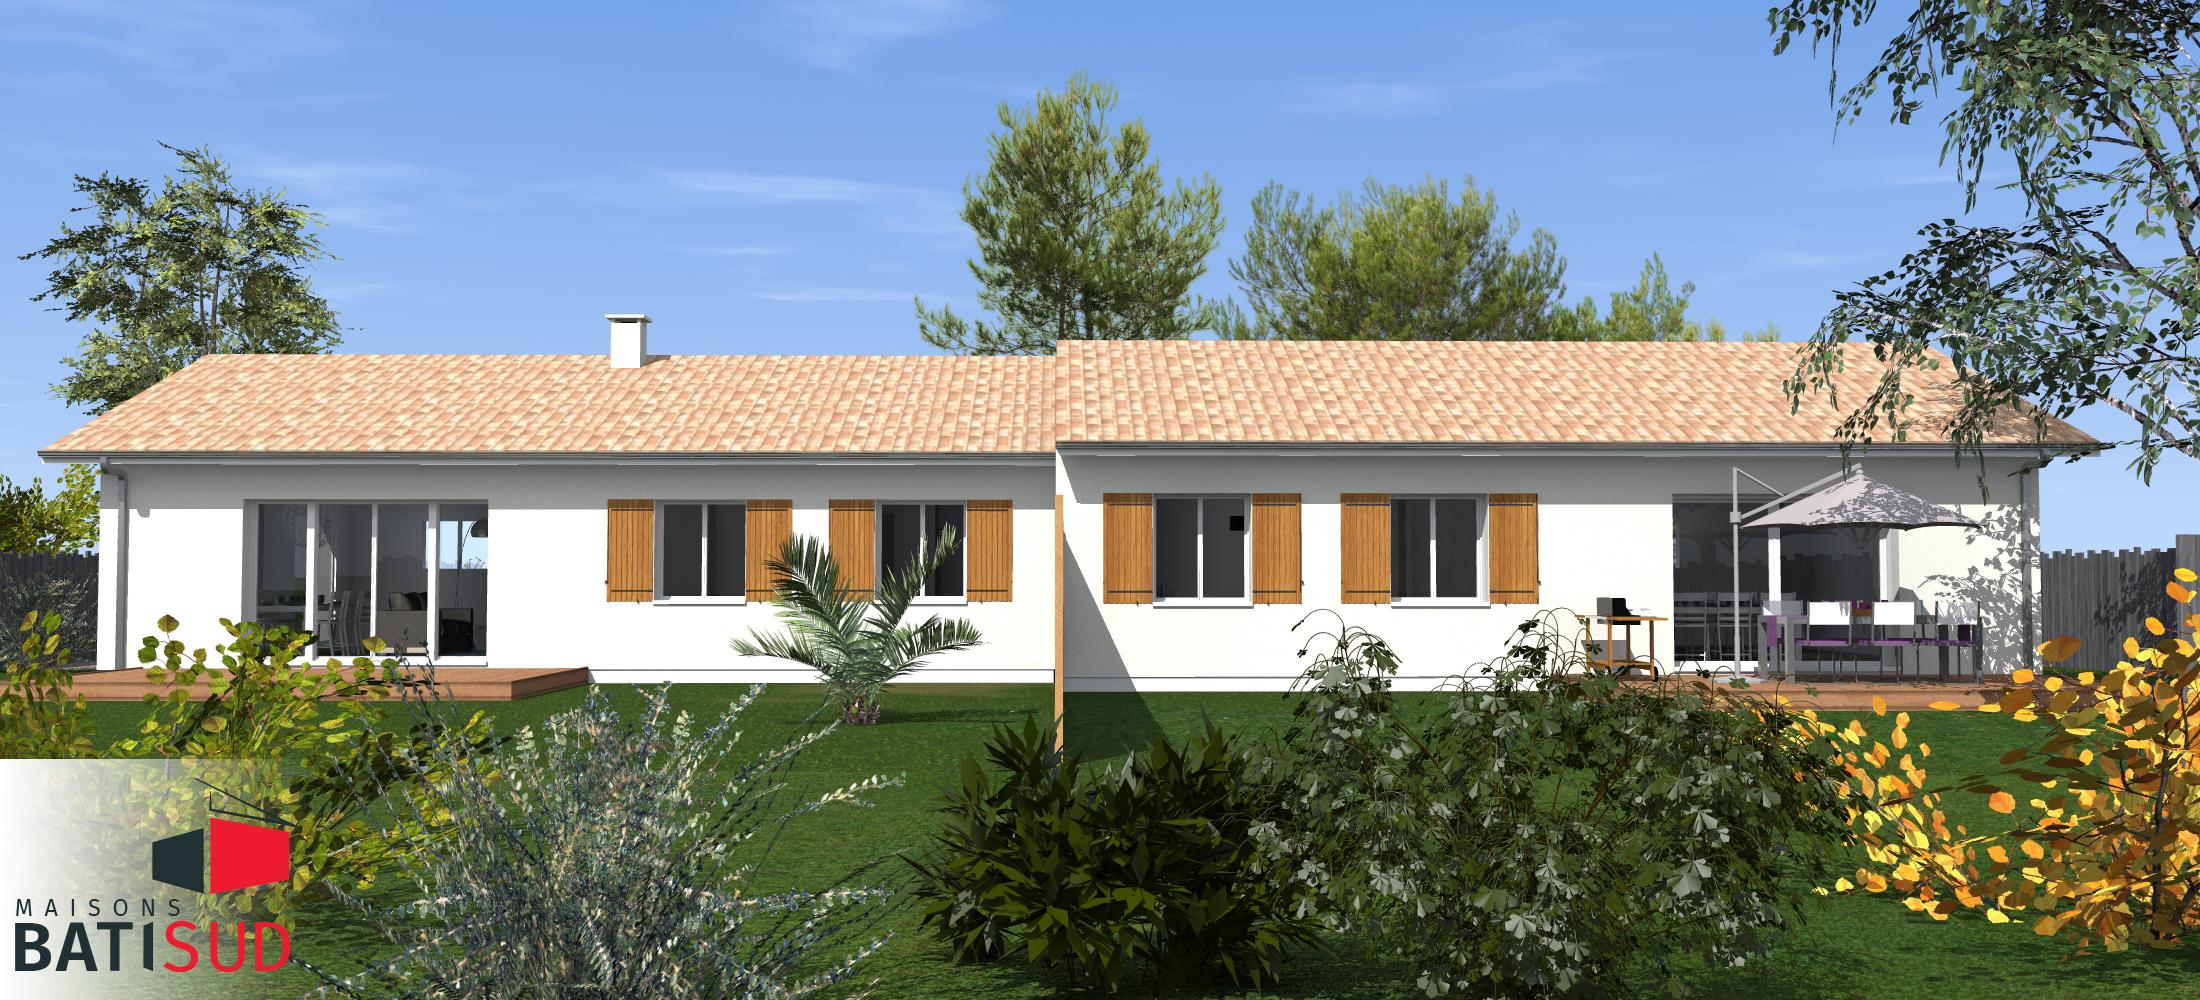 Maisons Bati Sud : Superbe maison double pour investisseur. home